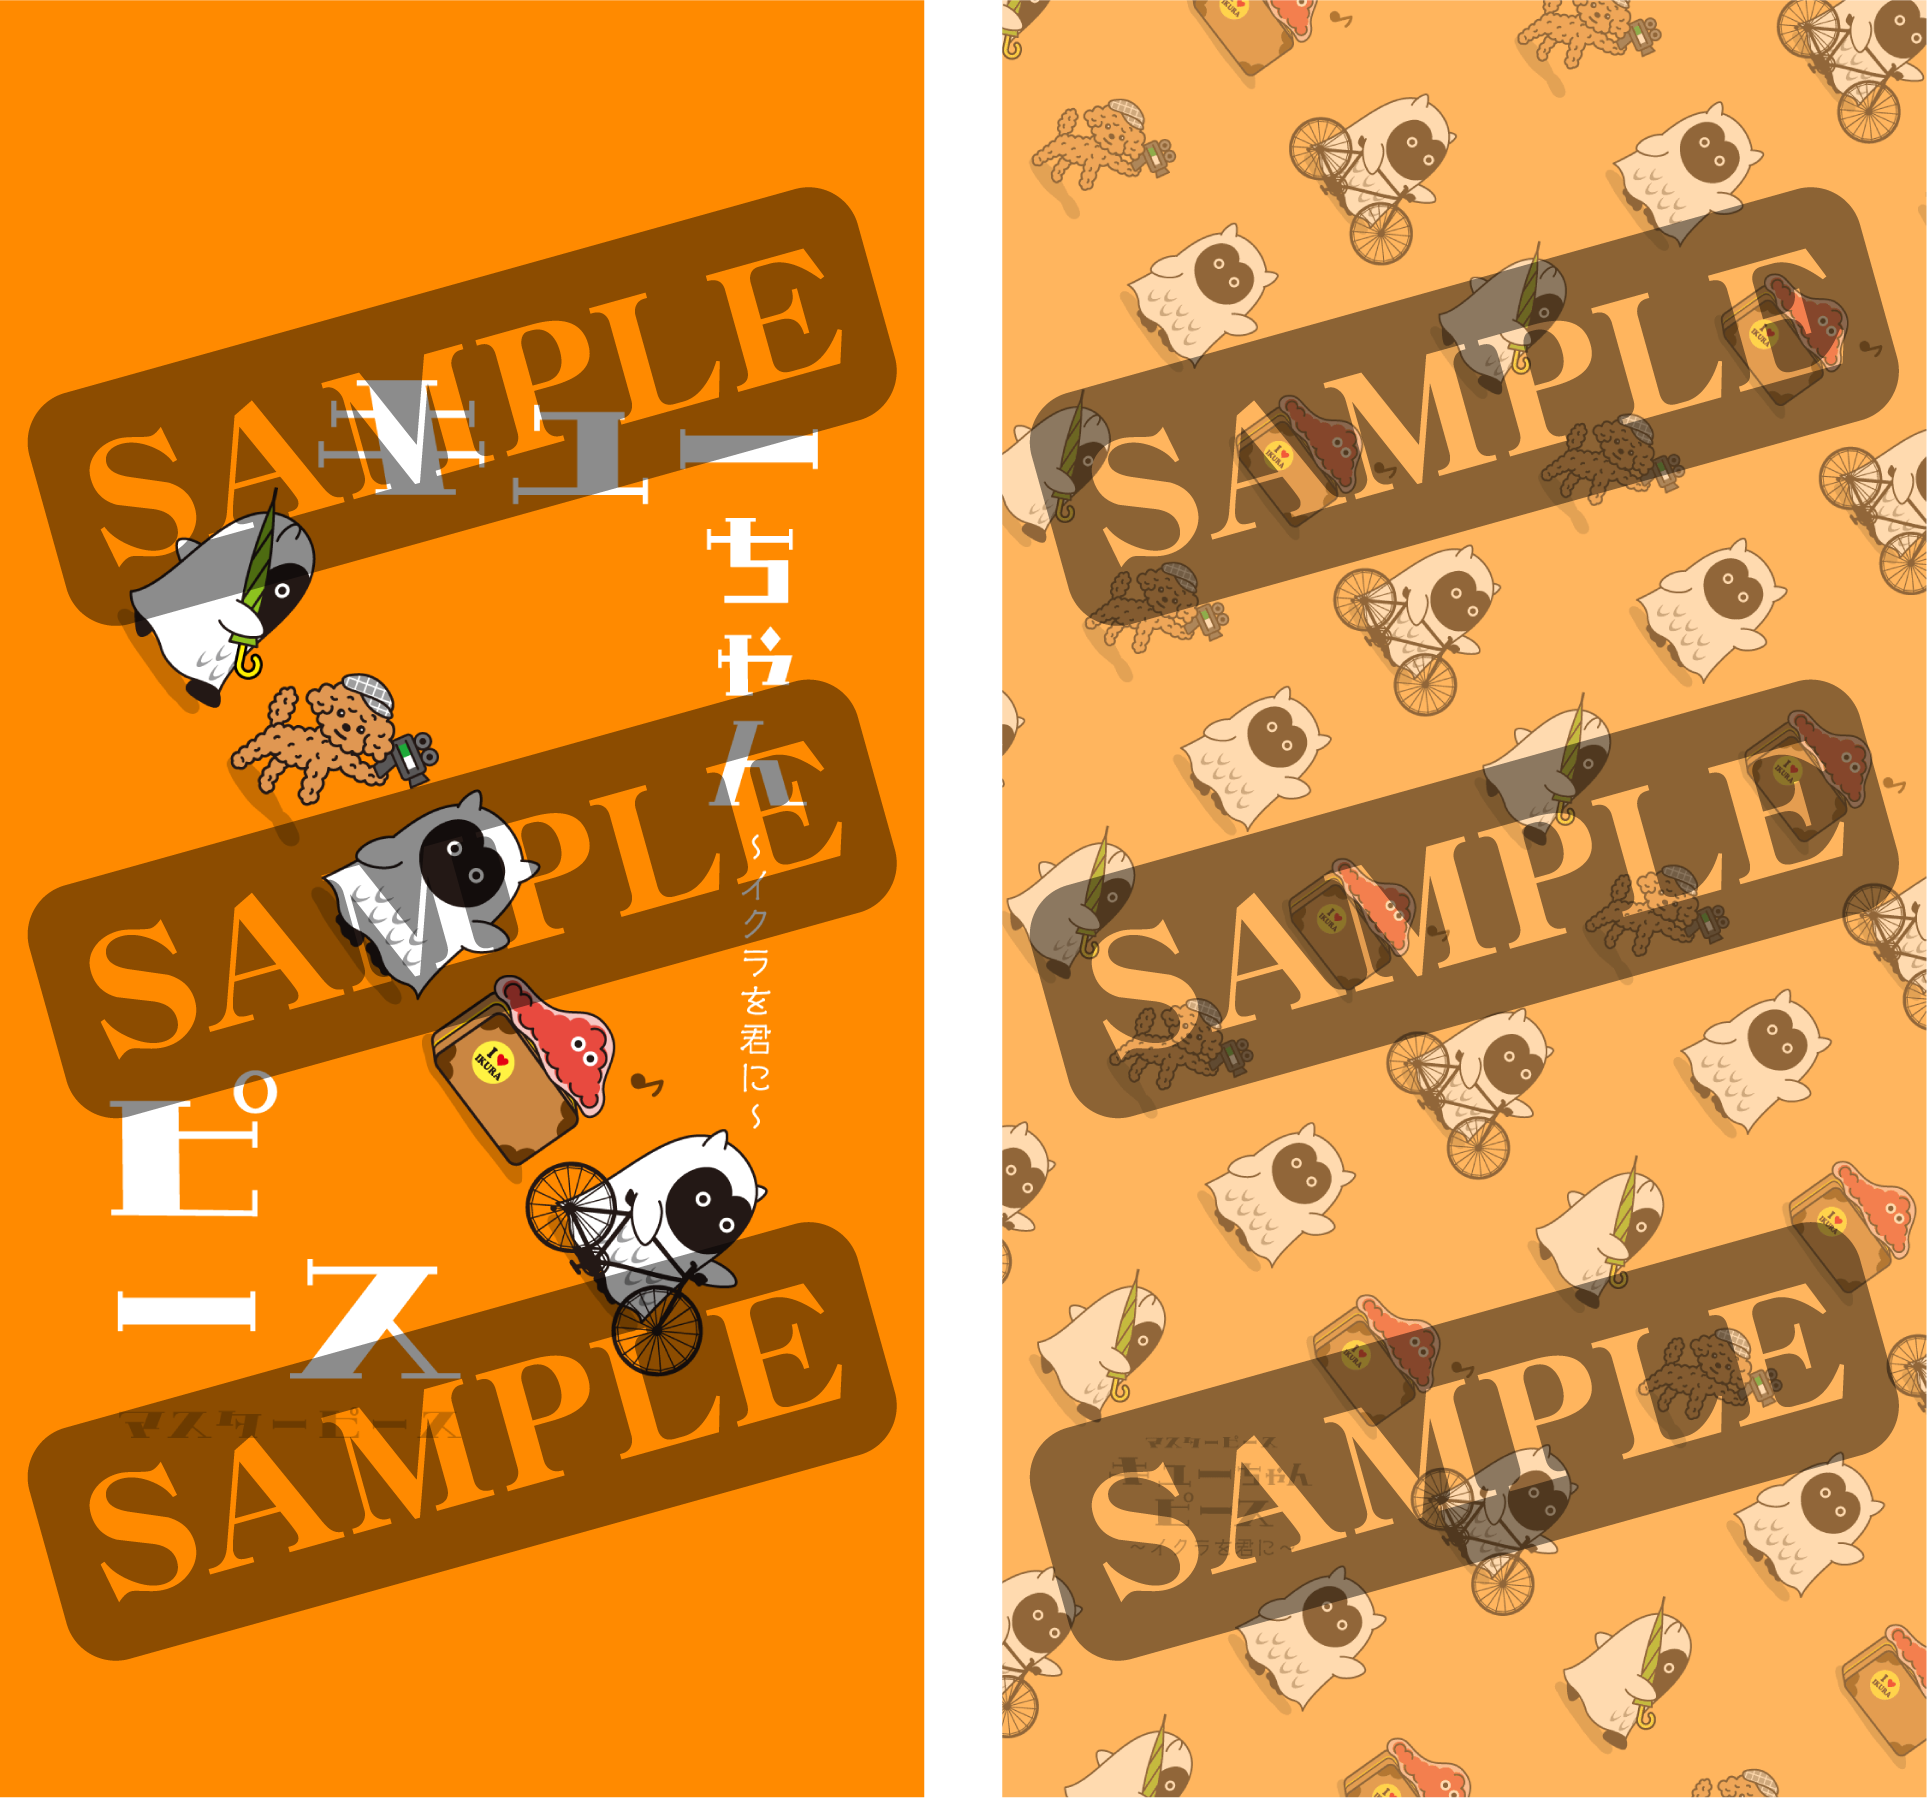 20210402_cuec_sample.png